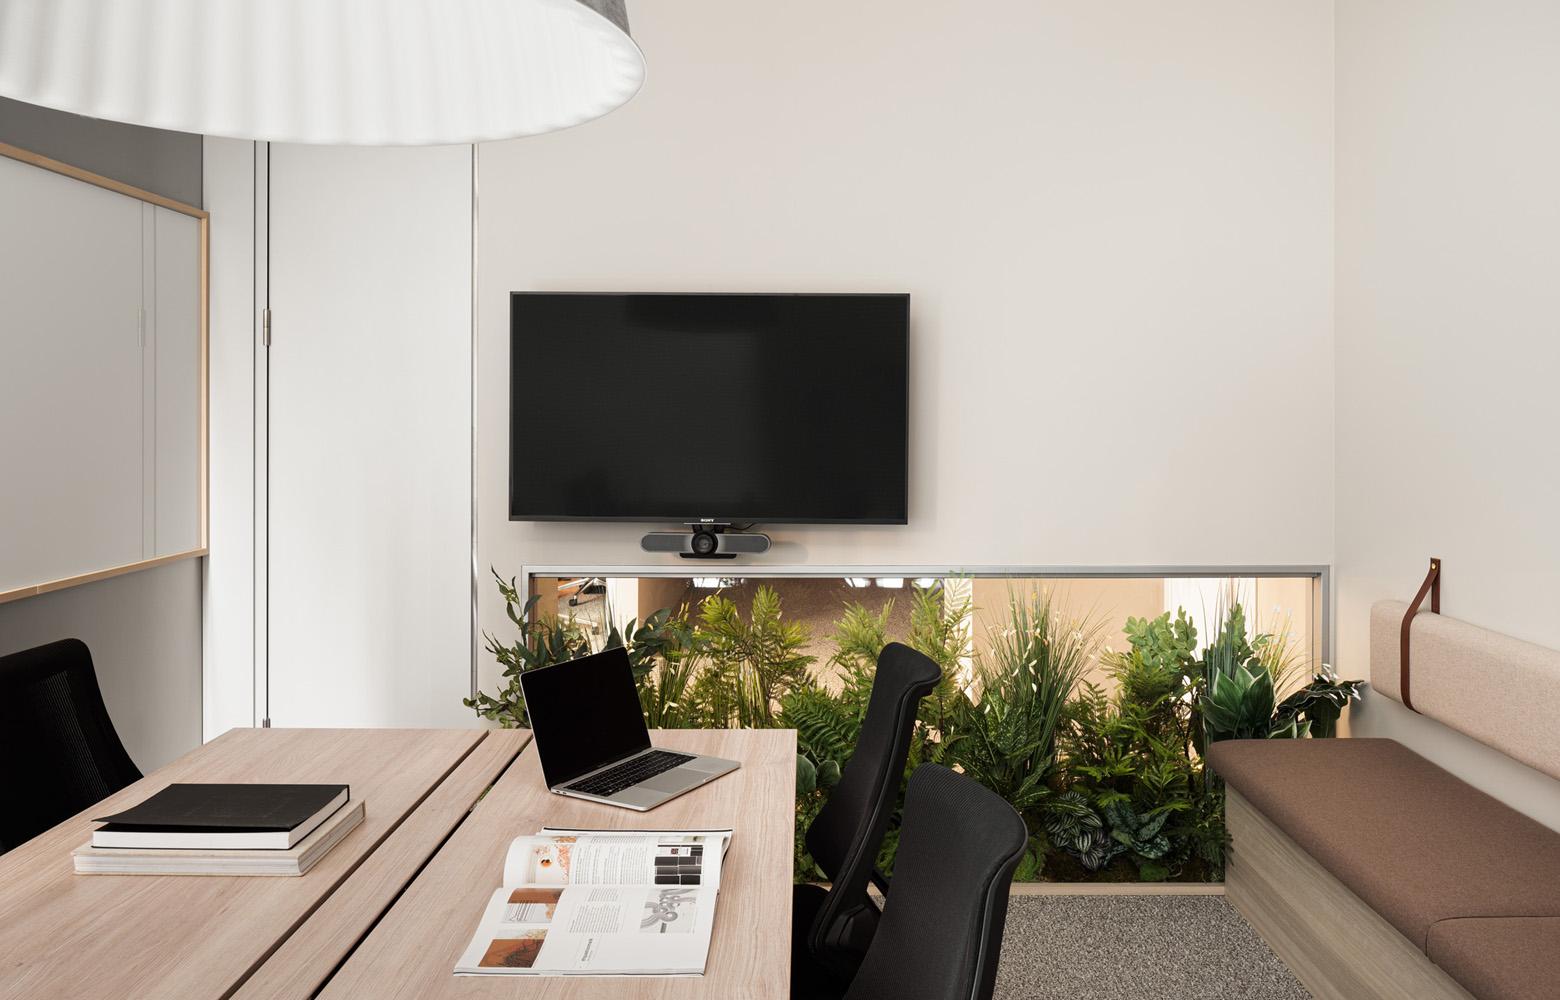 日本成長投資アライアンス株式会社 Meeting Room デザイン・レイアウト事例